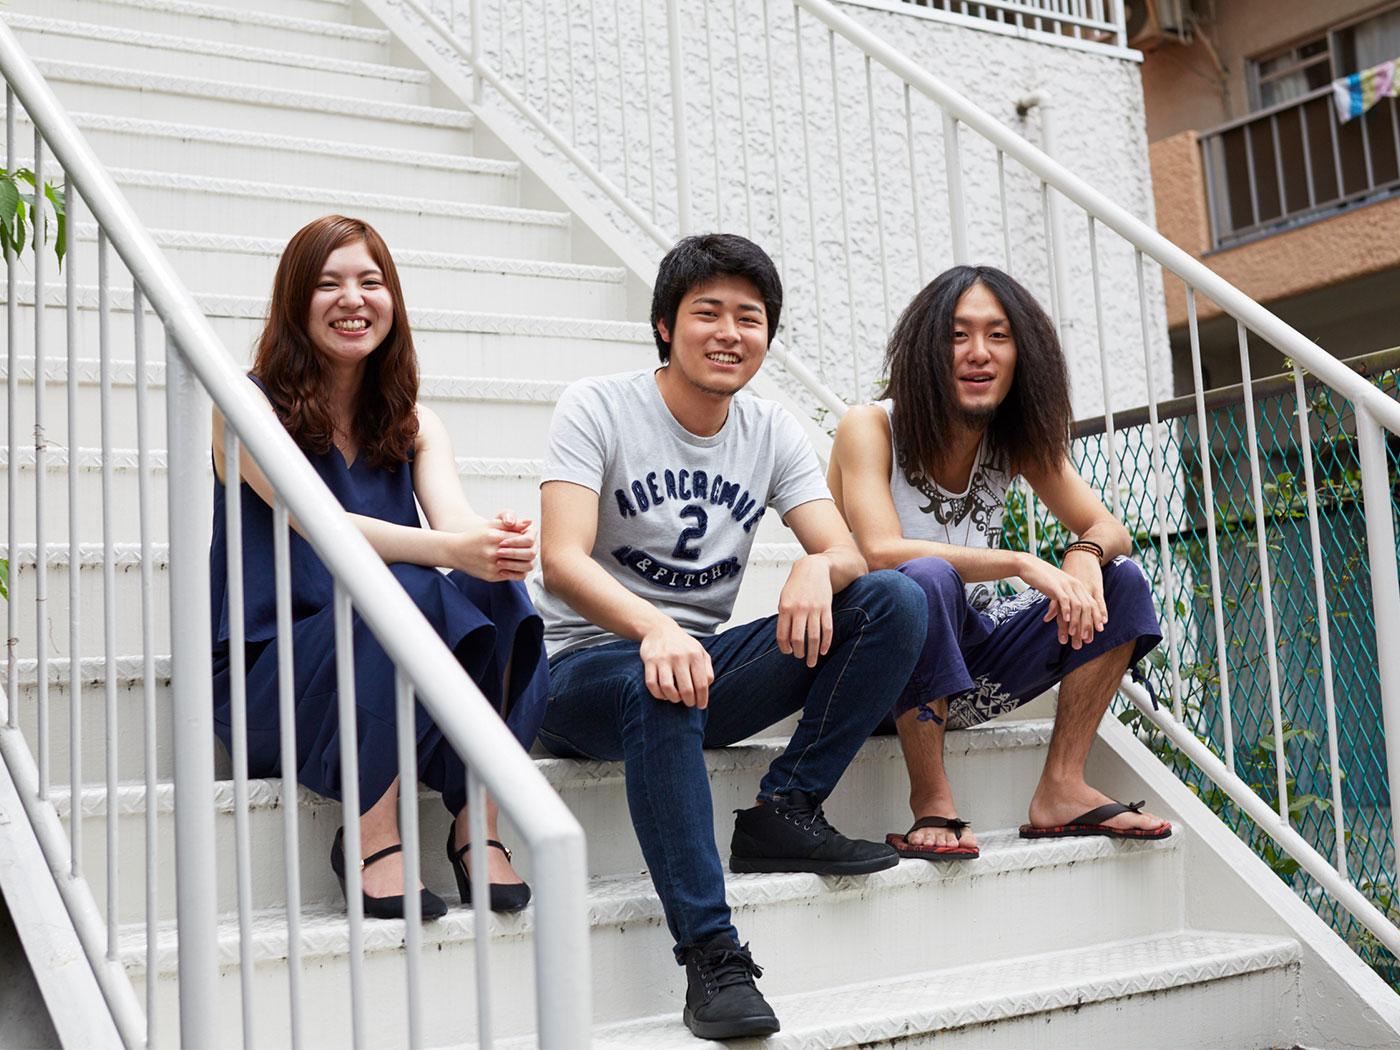 日本をぶち上げる! チャットボットサービス「fanp」に賭ける、ZEALSの世界へ向けた挑戦